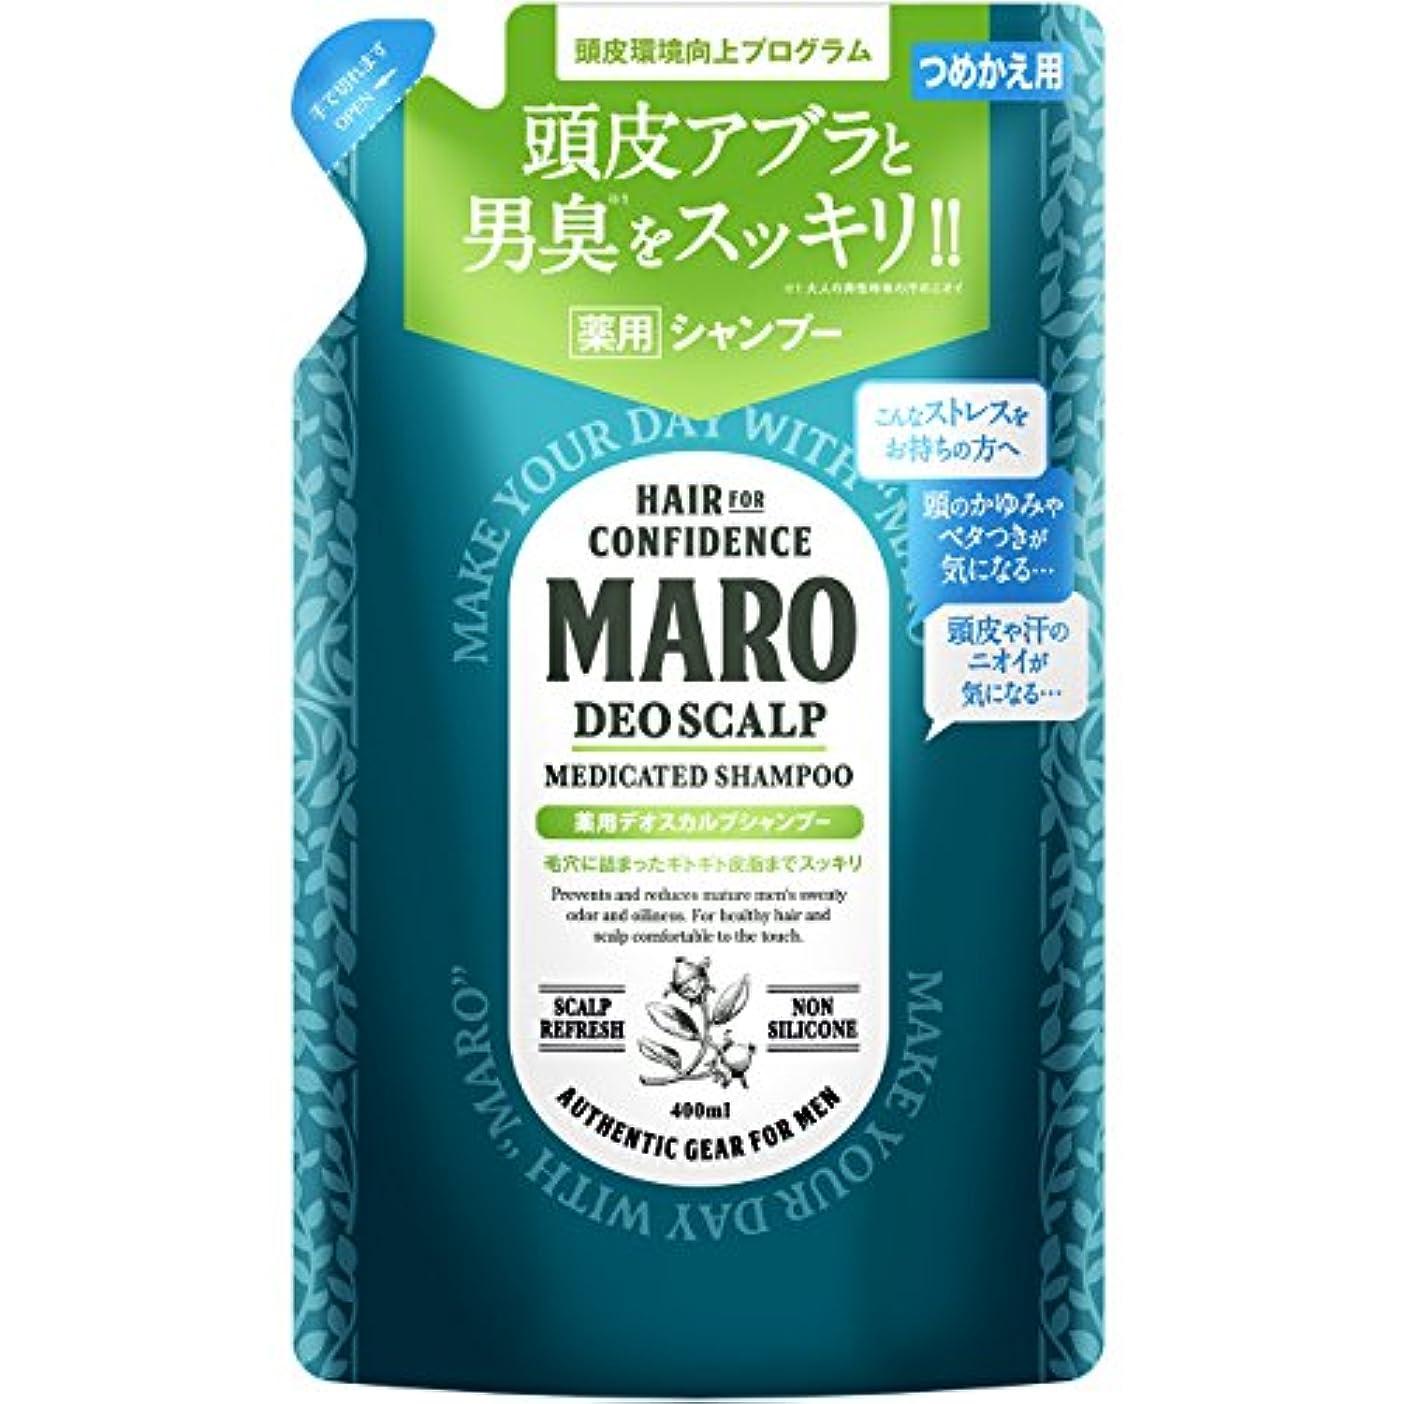 傾く日没衰えるMARO 薬用 デオスカルプ シャンプー 詰め替え 400ml 【医薬部外品】